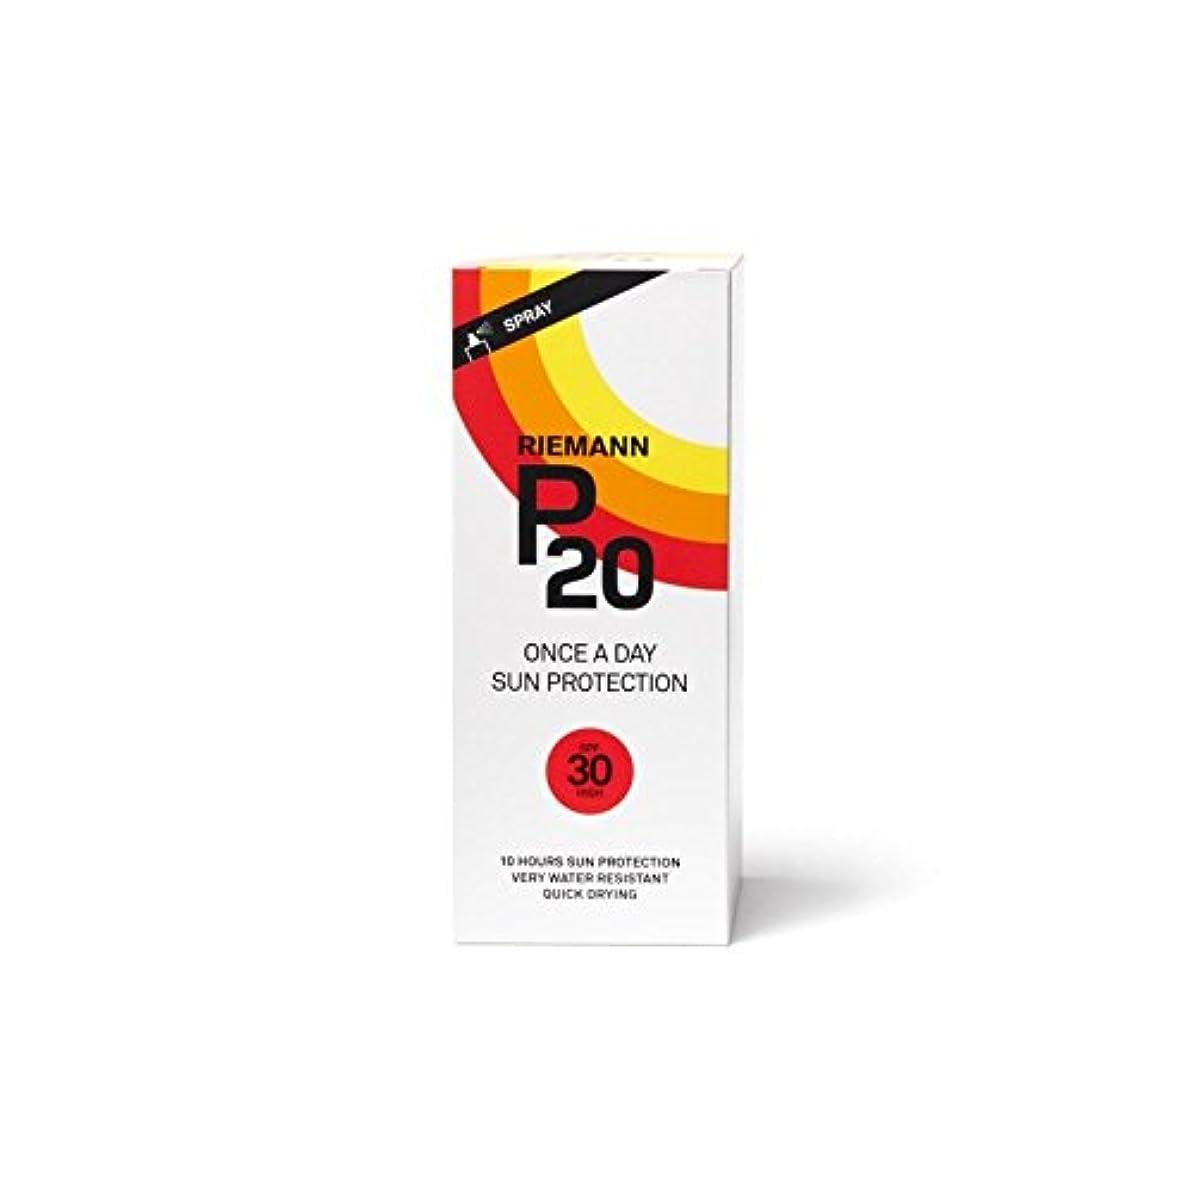 鈍い高さ王室Riemann P20 Sun Filter 200ml SPF30 - リーマン20のサンフィルター200ミリリットル30 [並行輸入品]